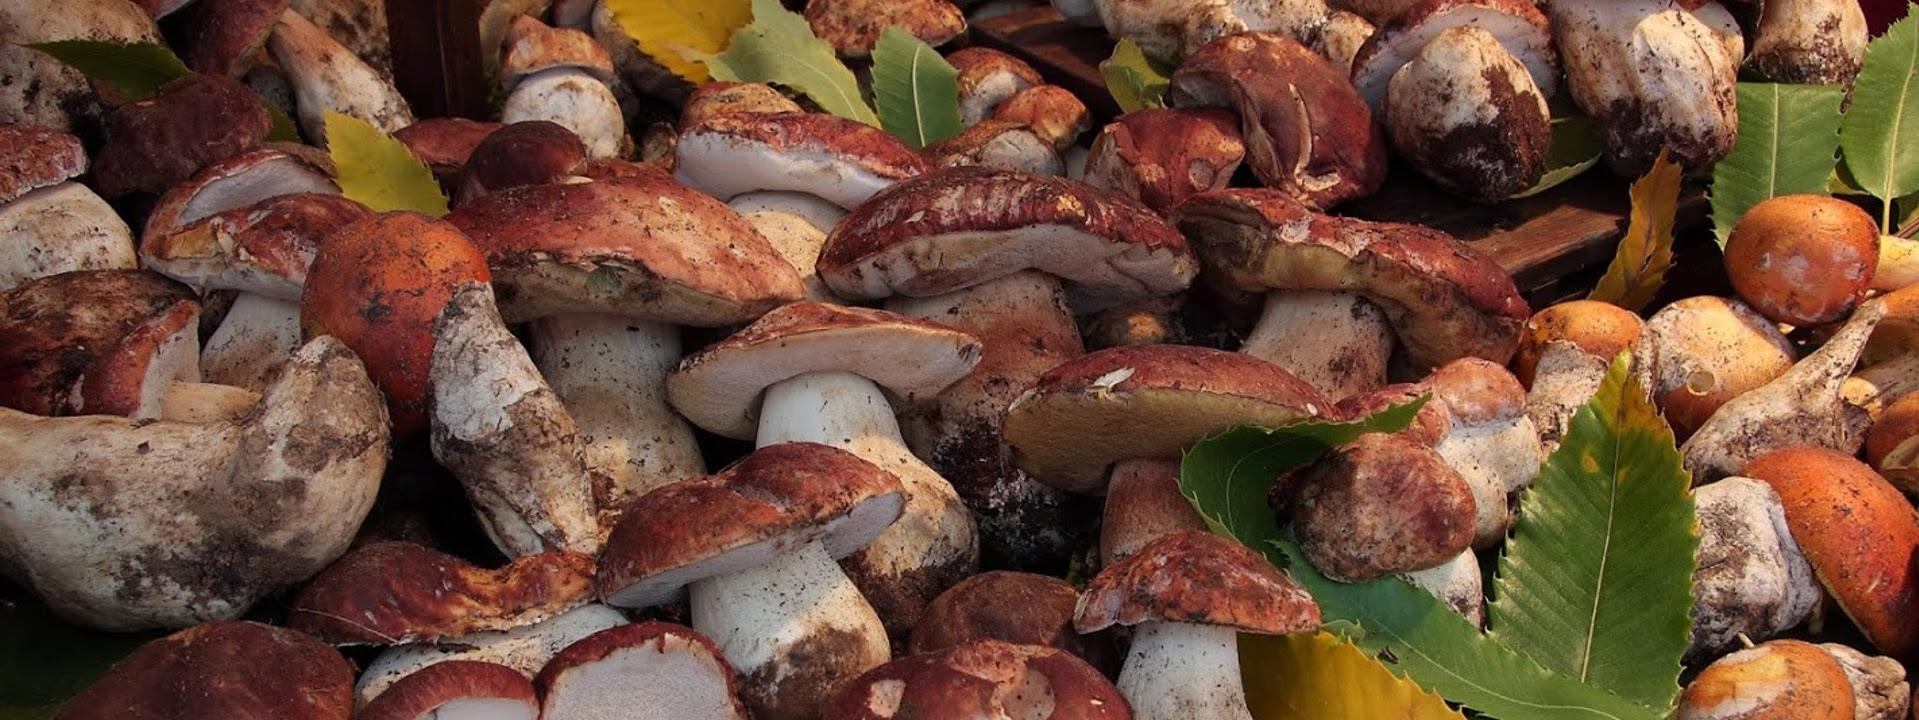 Immagine di funghi